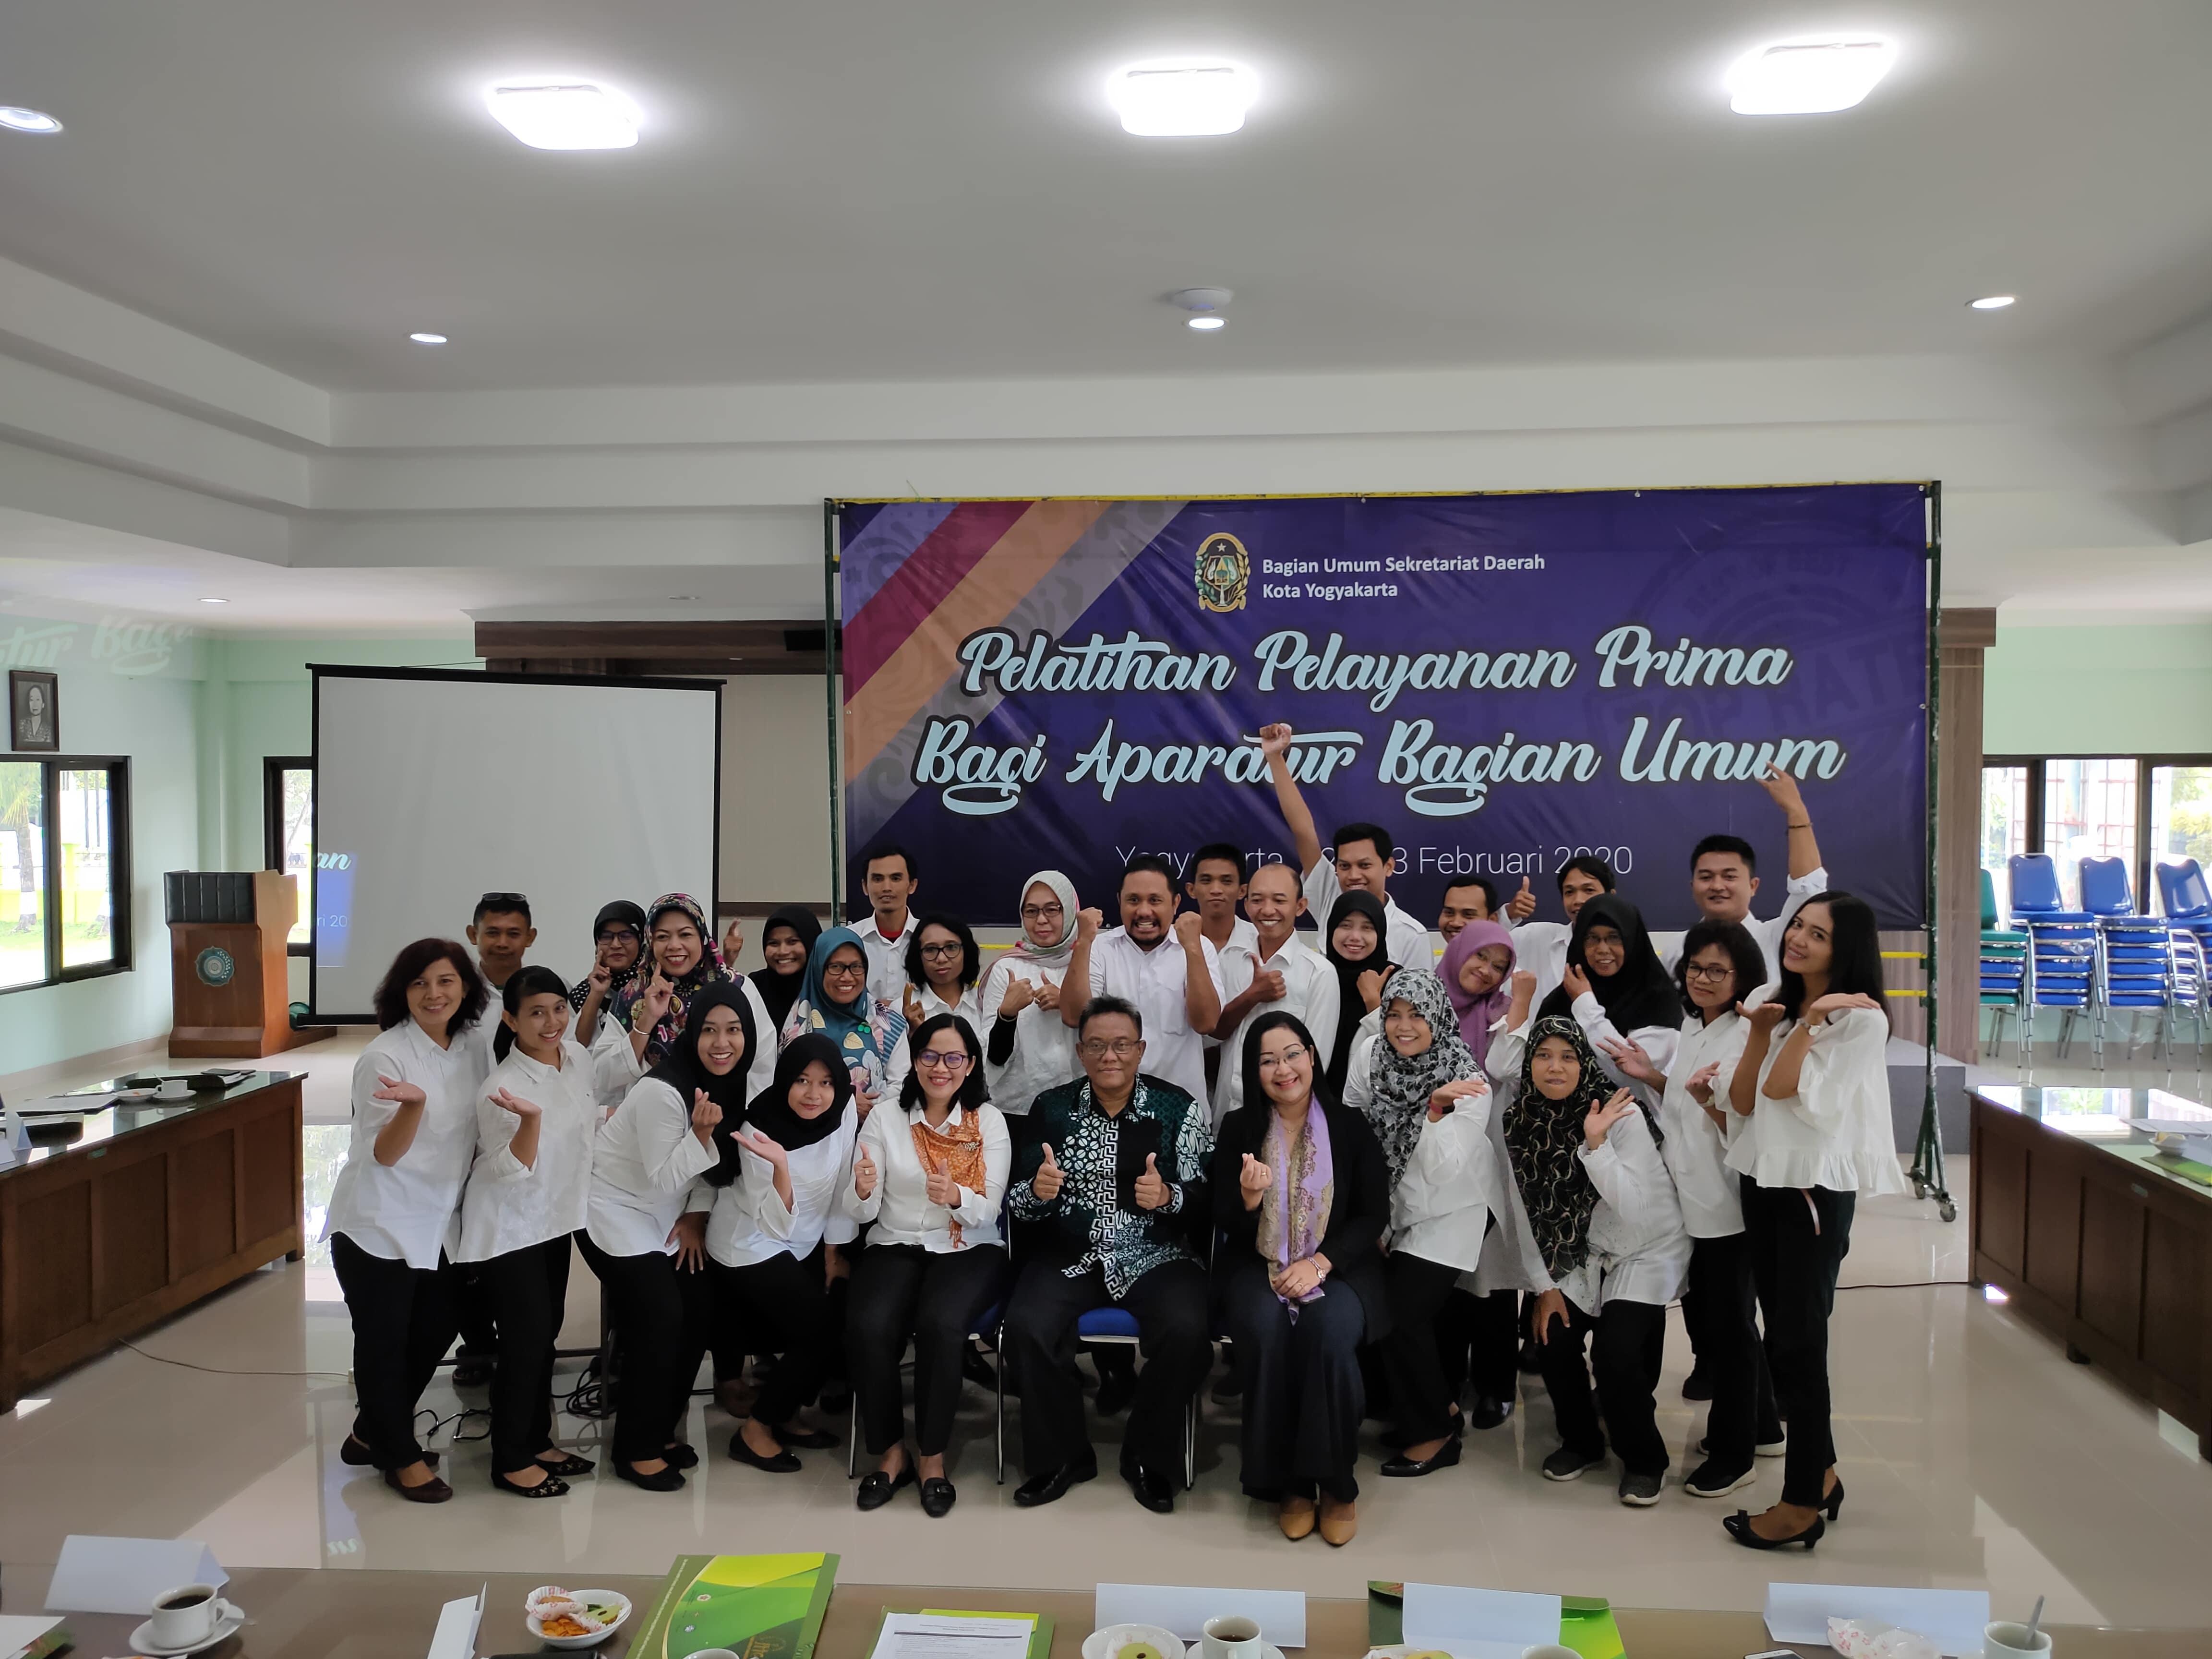 Pelatihan Pelayanan Prima Bagian Umum bersama Bapak Sekretaris Daerah Kota Yogyakarta